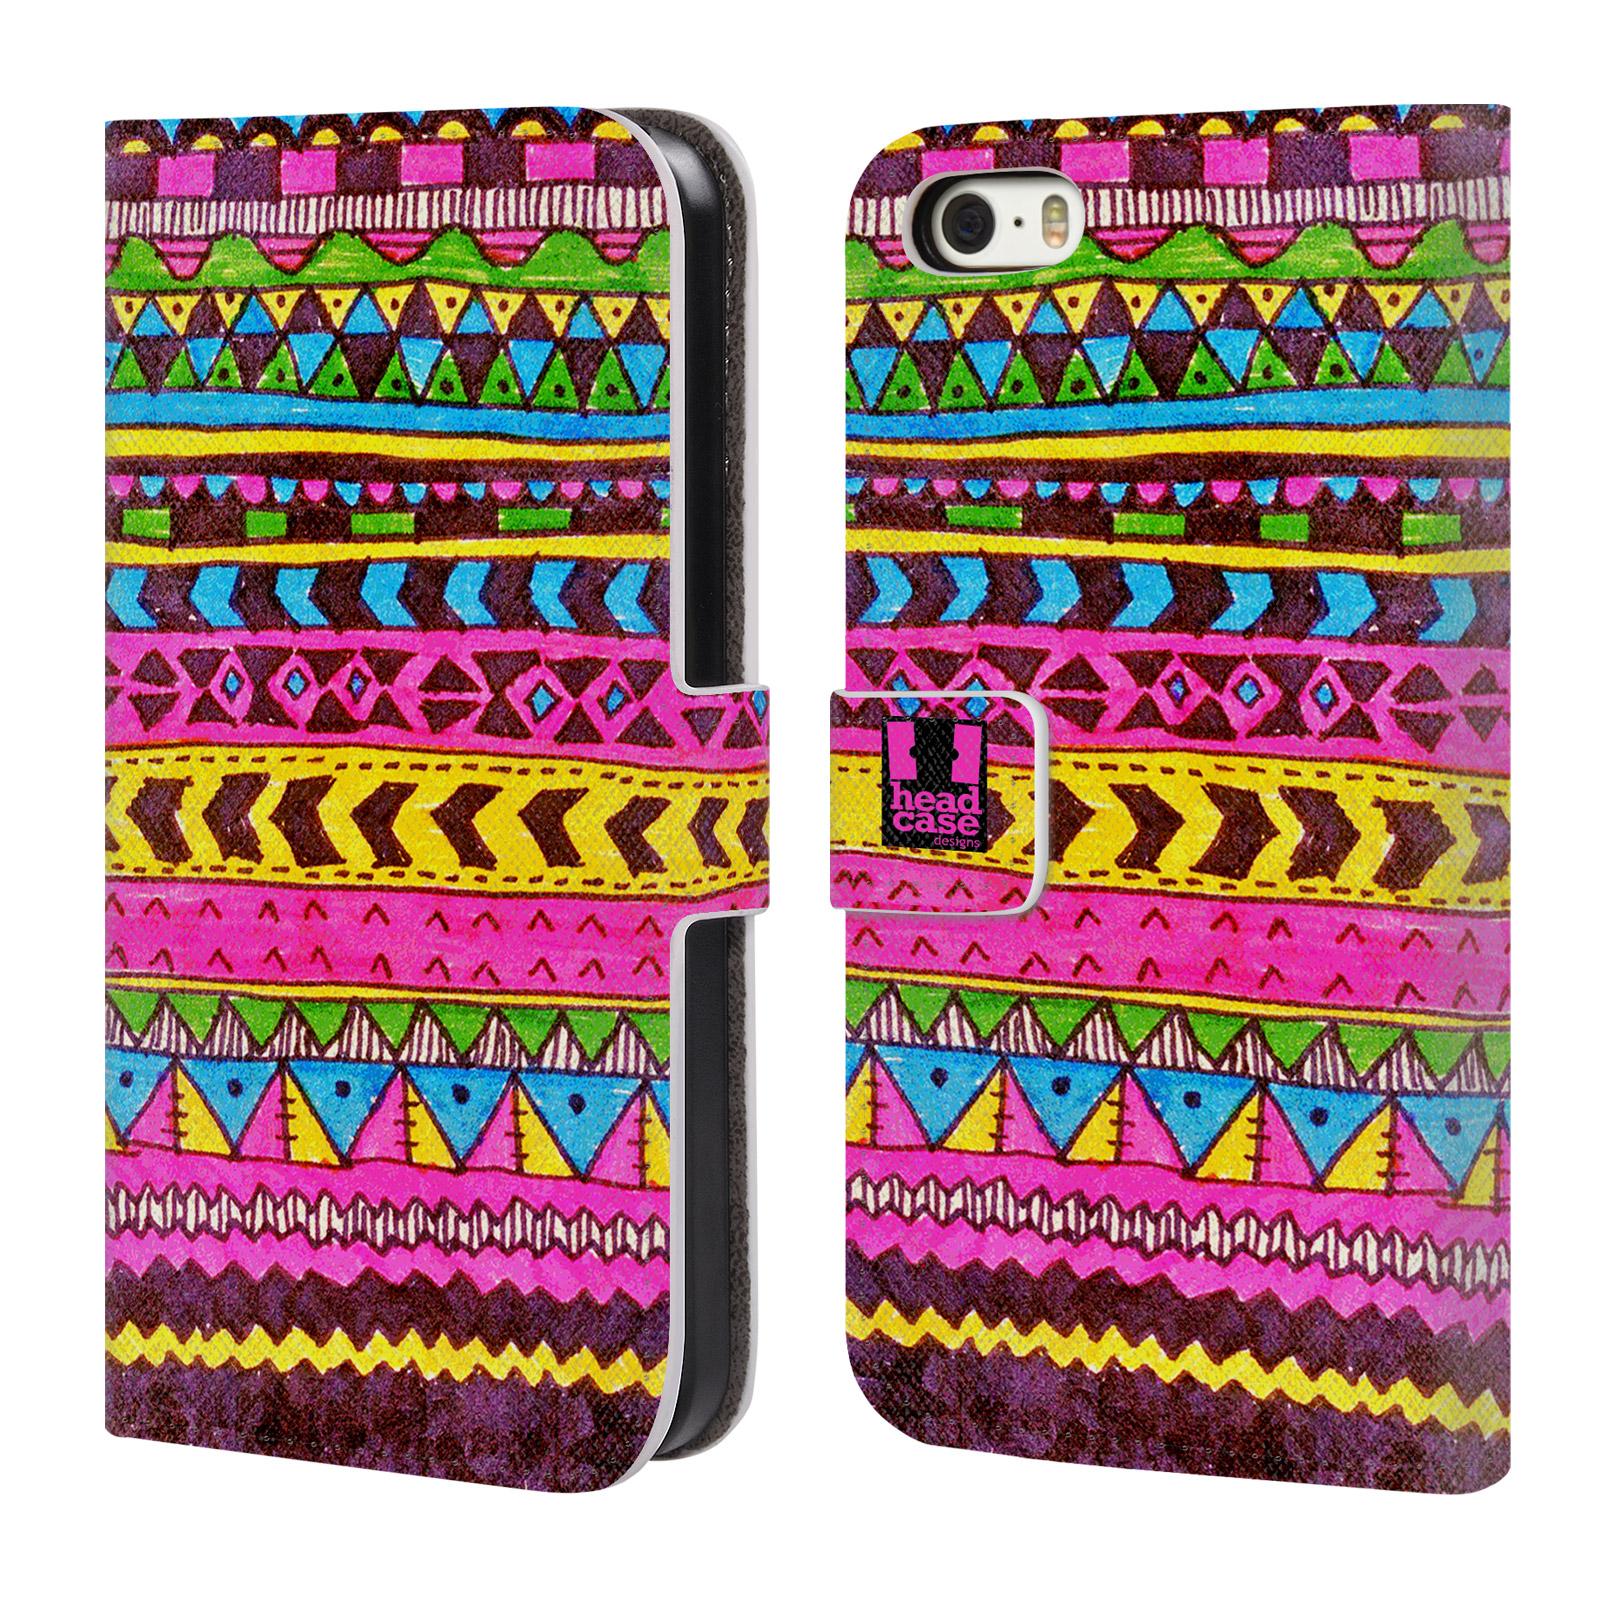 HEAD CASE Flipové pouzdro pro mobil Apple Iphone 5/5s Barevná aztécká čmáranice růžová